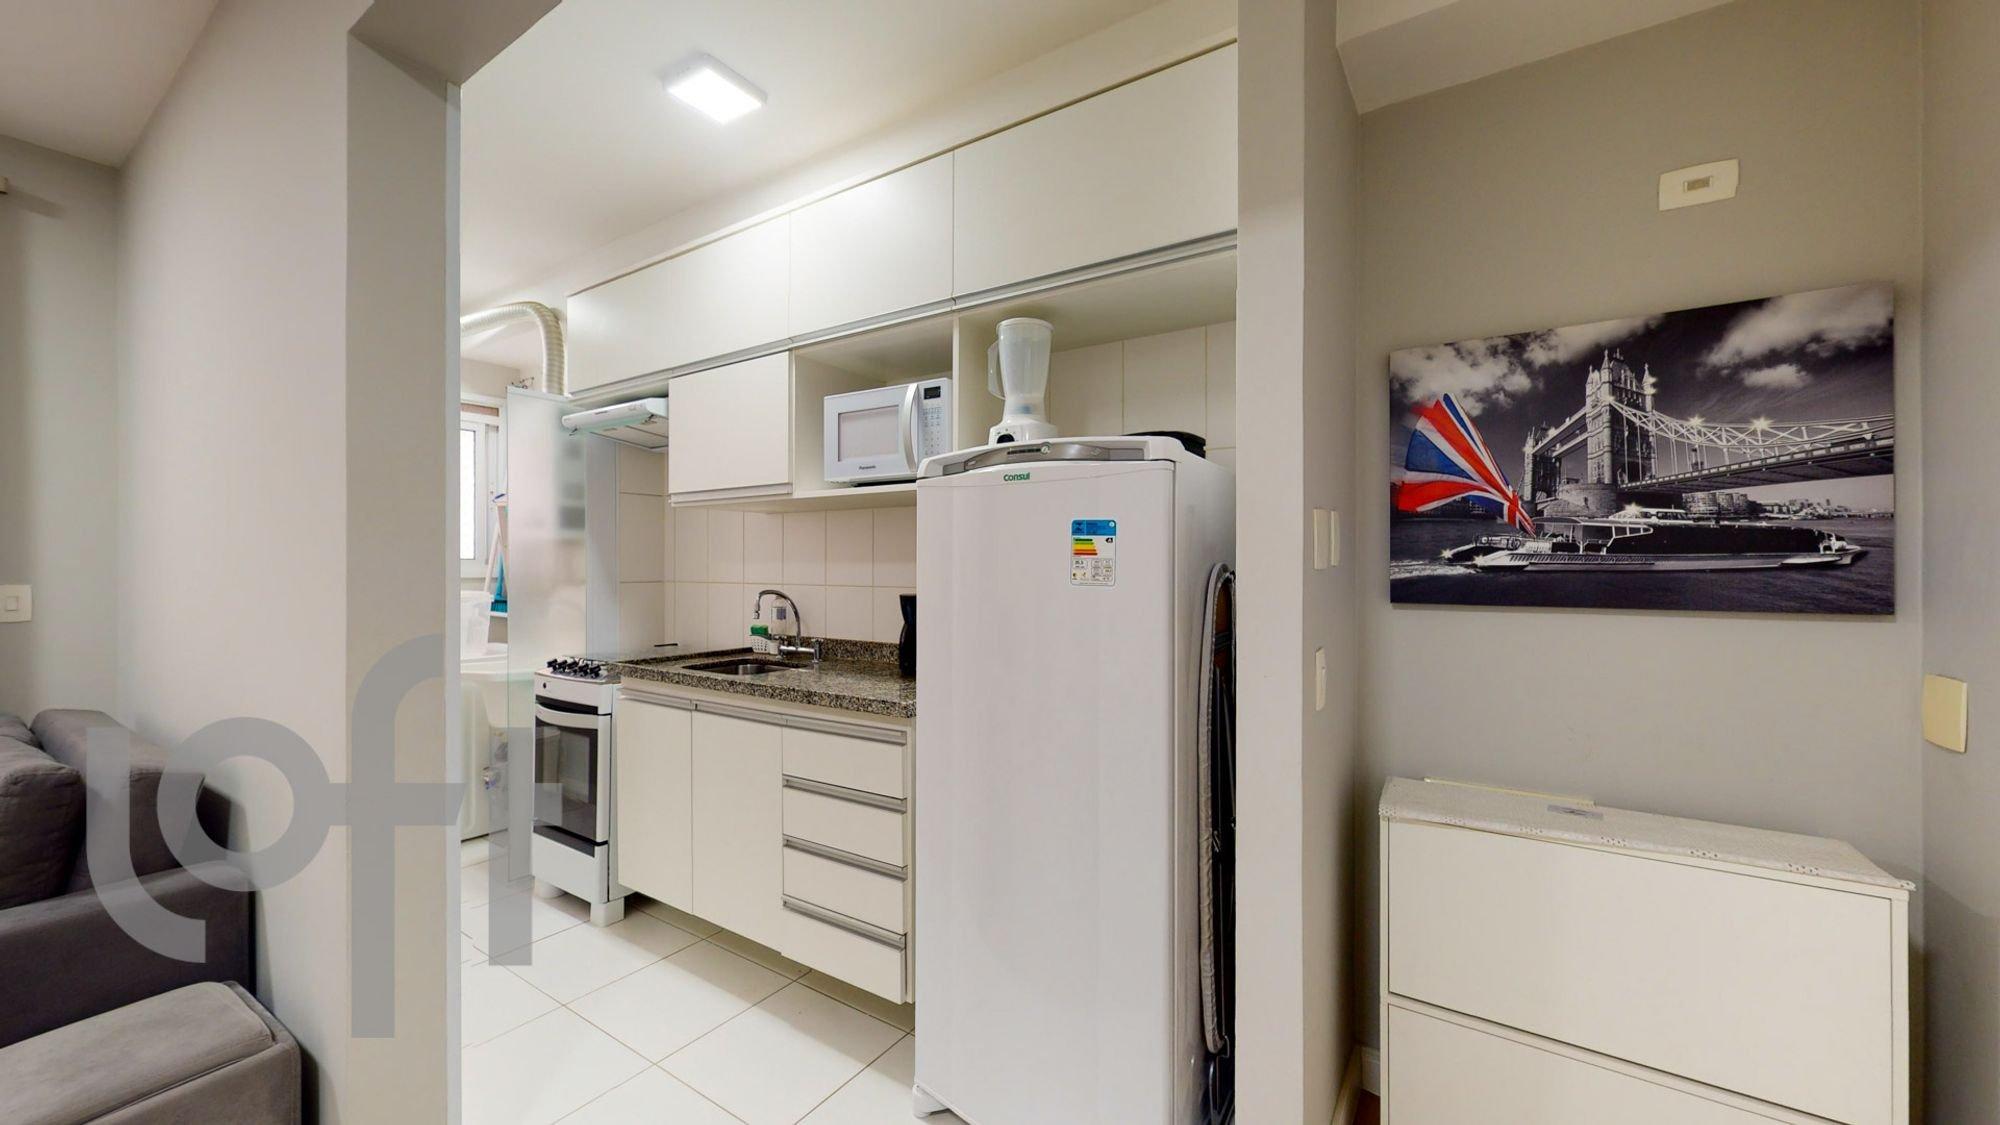 Foto de Cozinha com forno, sofá, geladeira